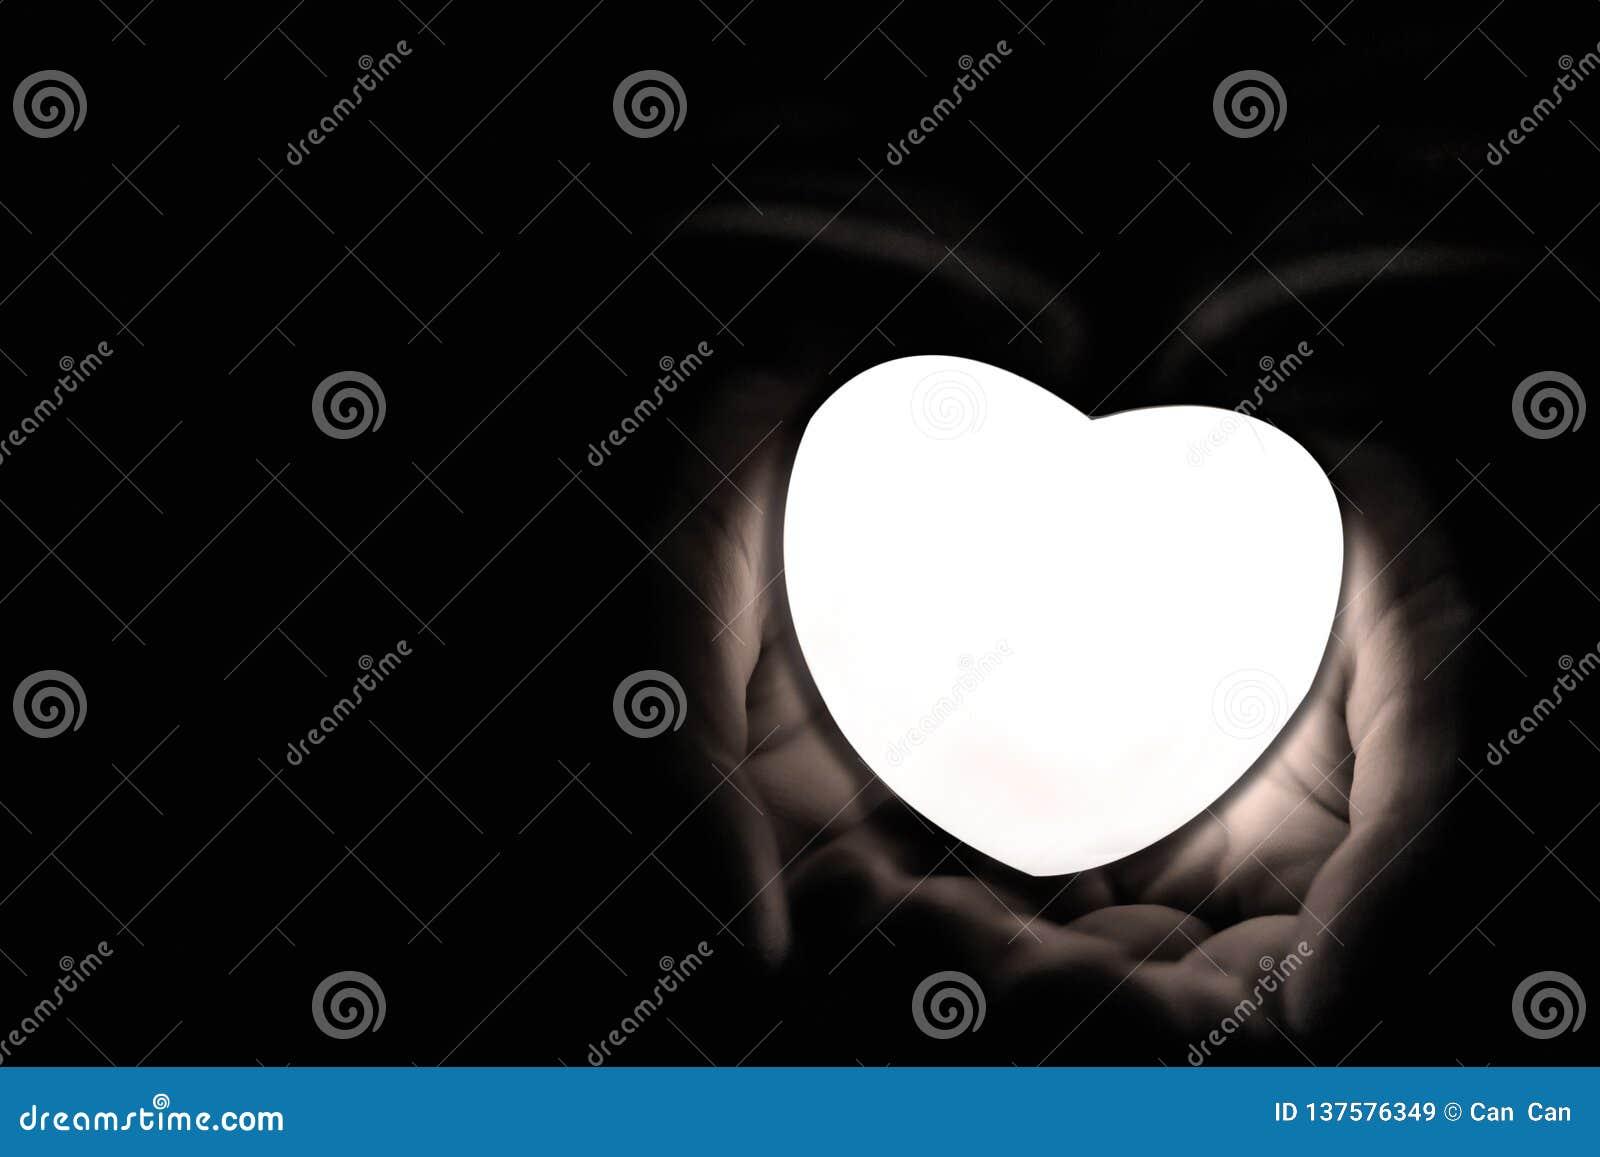 Besonders vorbereitetes Herz für Valentinstag